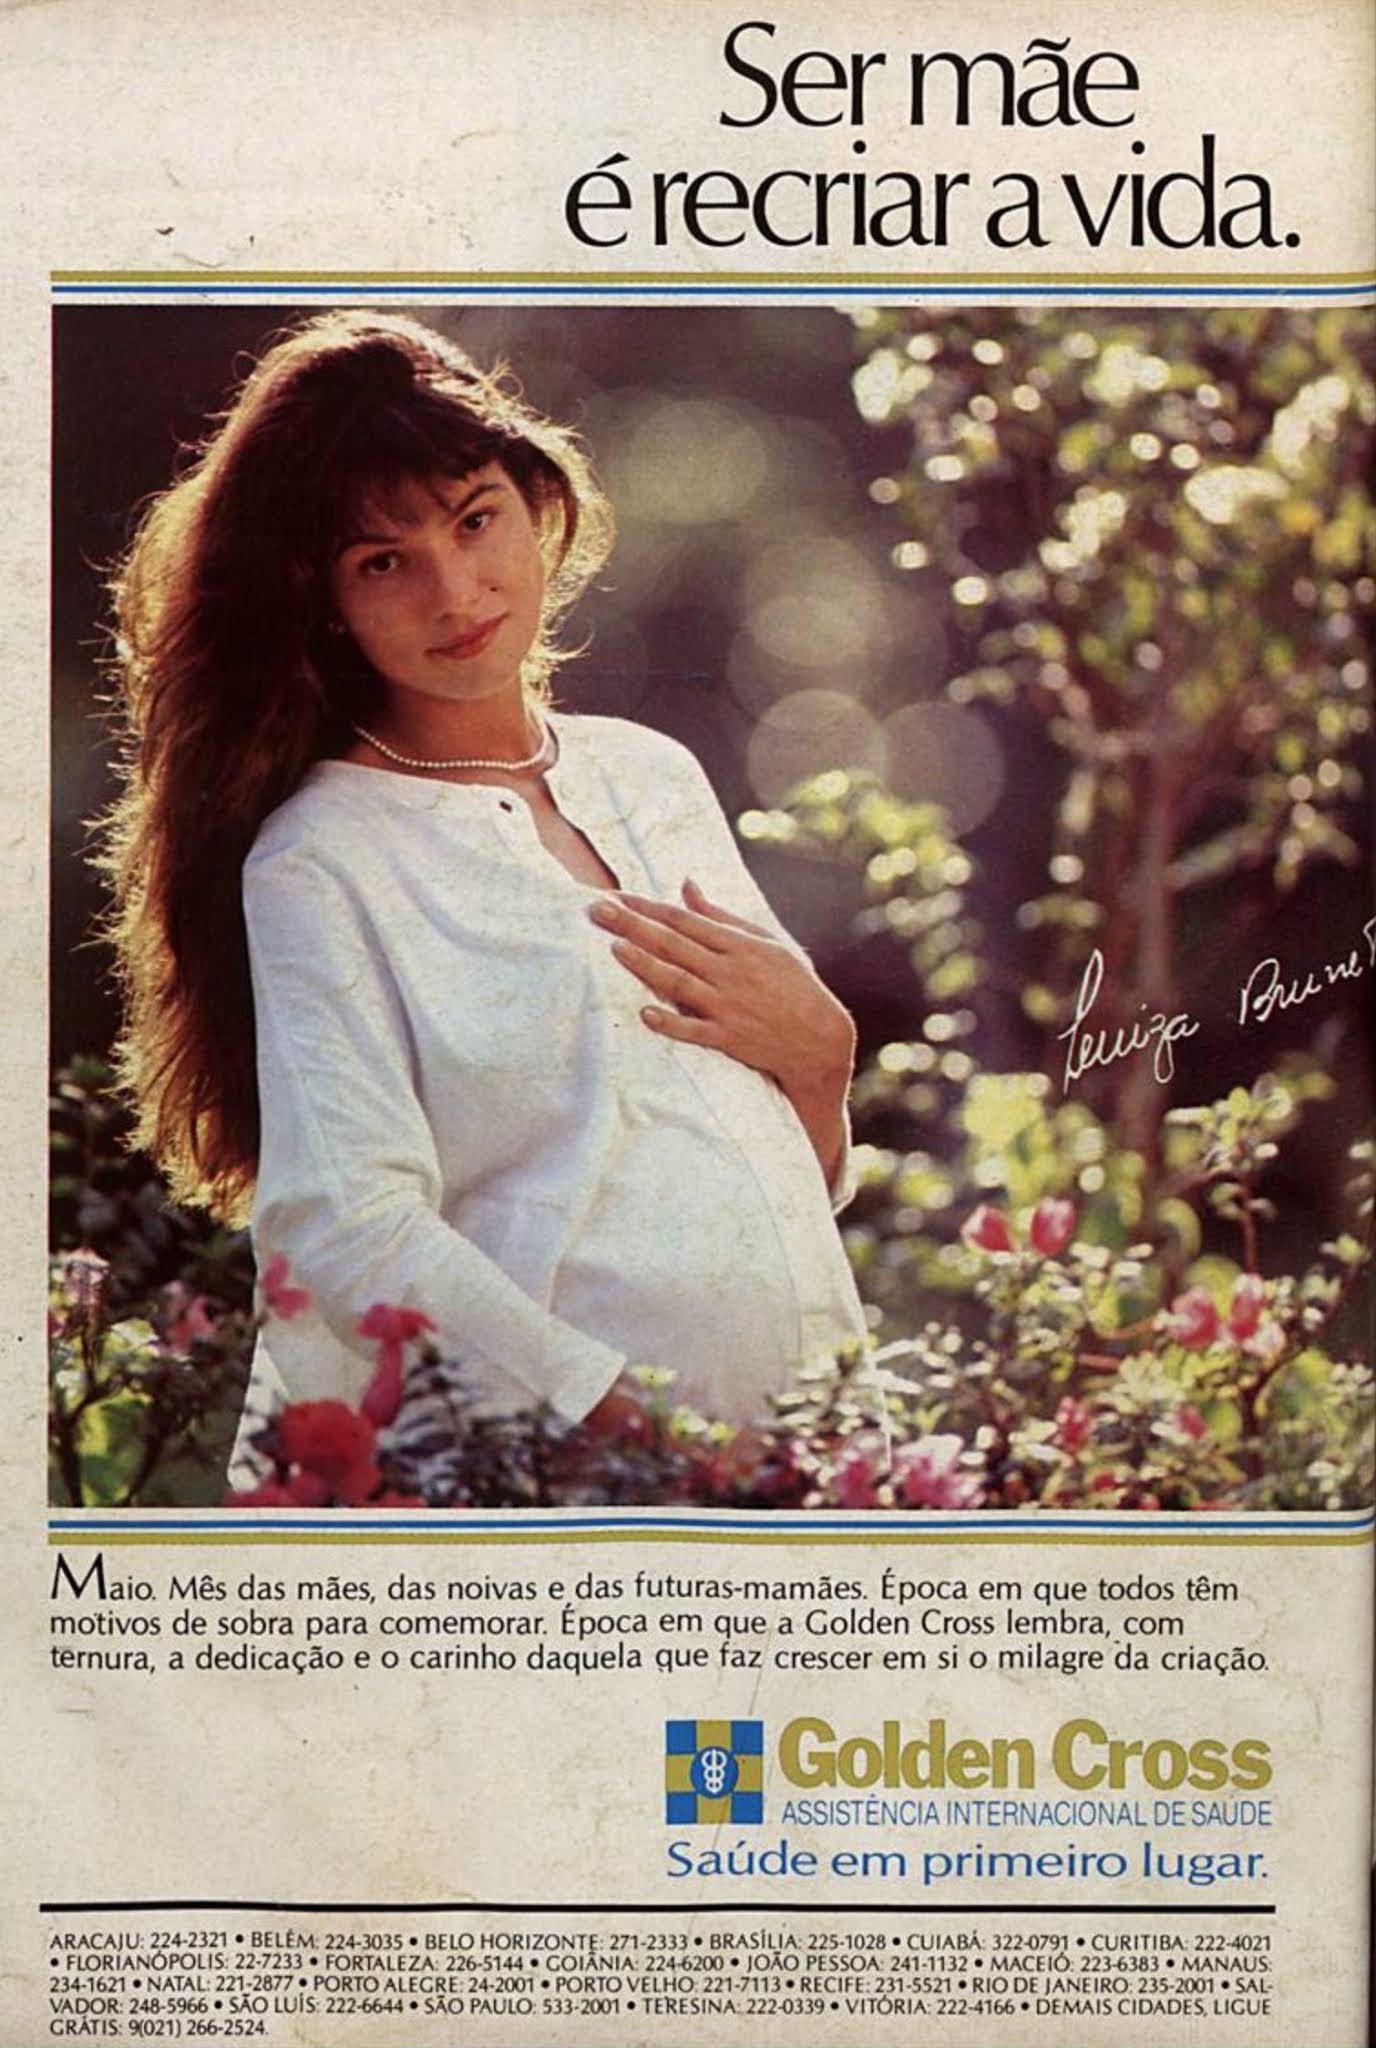 Anúncio da Golden Cross em 1988 com a atriz Luiza Brunet